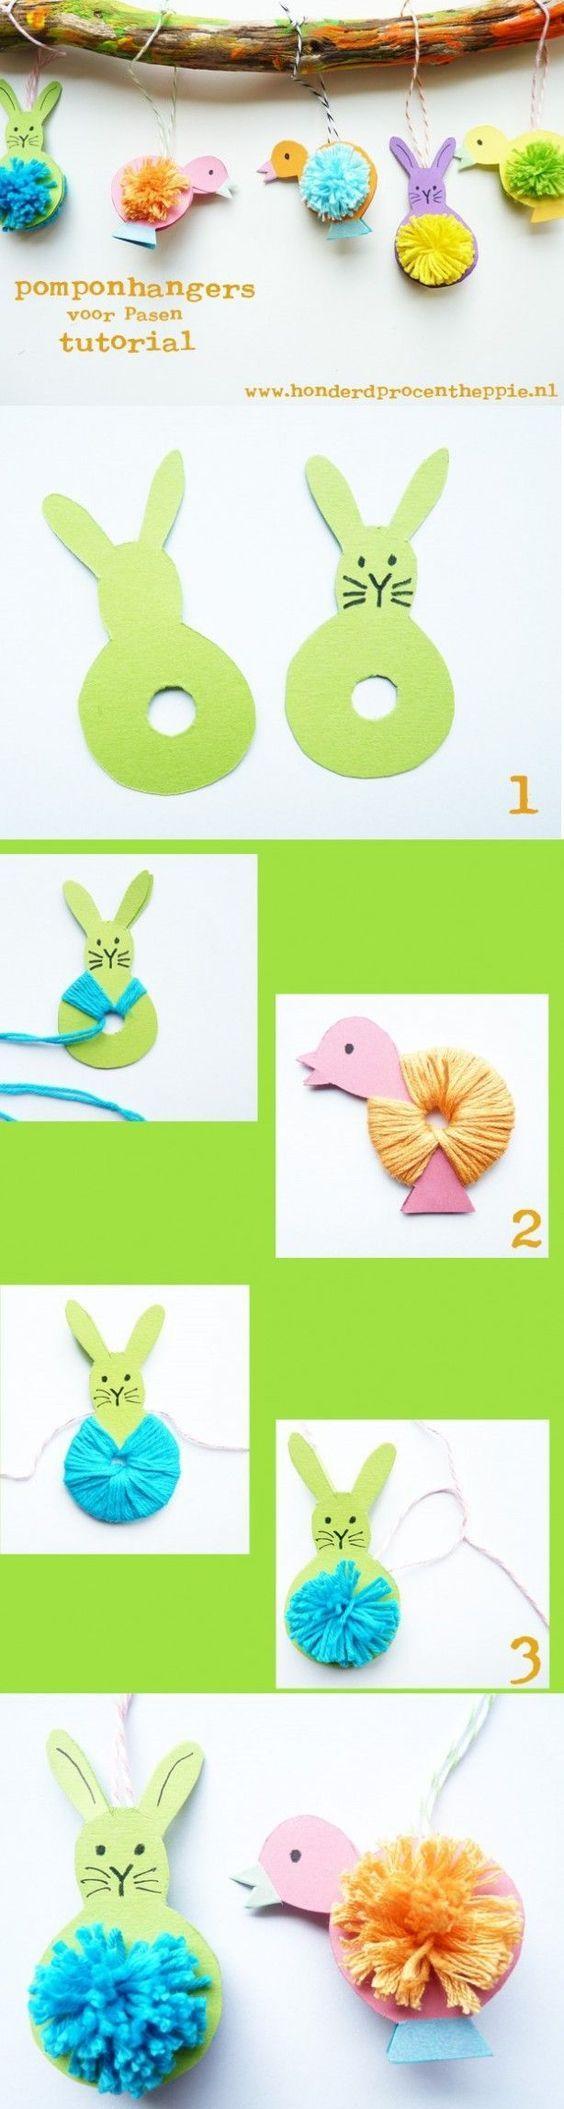 Lavoretti di Pasqua Cestini, coniglietti, gallinelle, pulcini, agnellini, uova, scatoline: